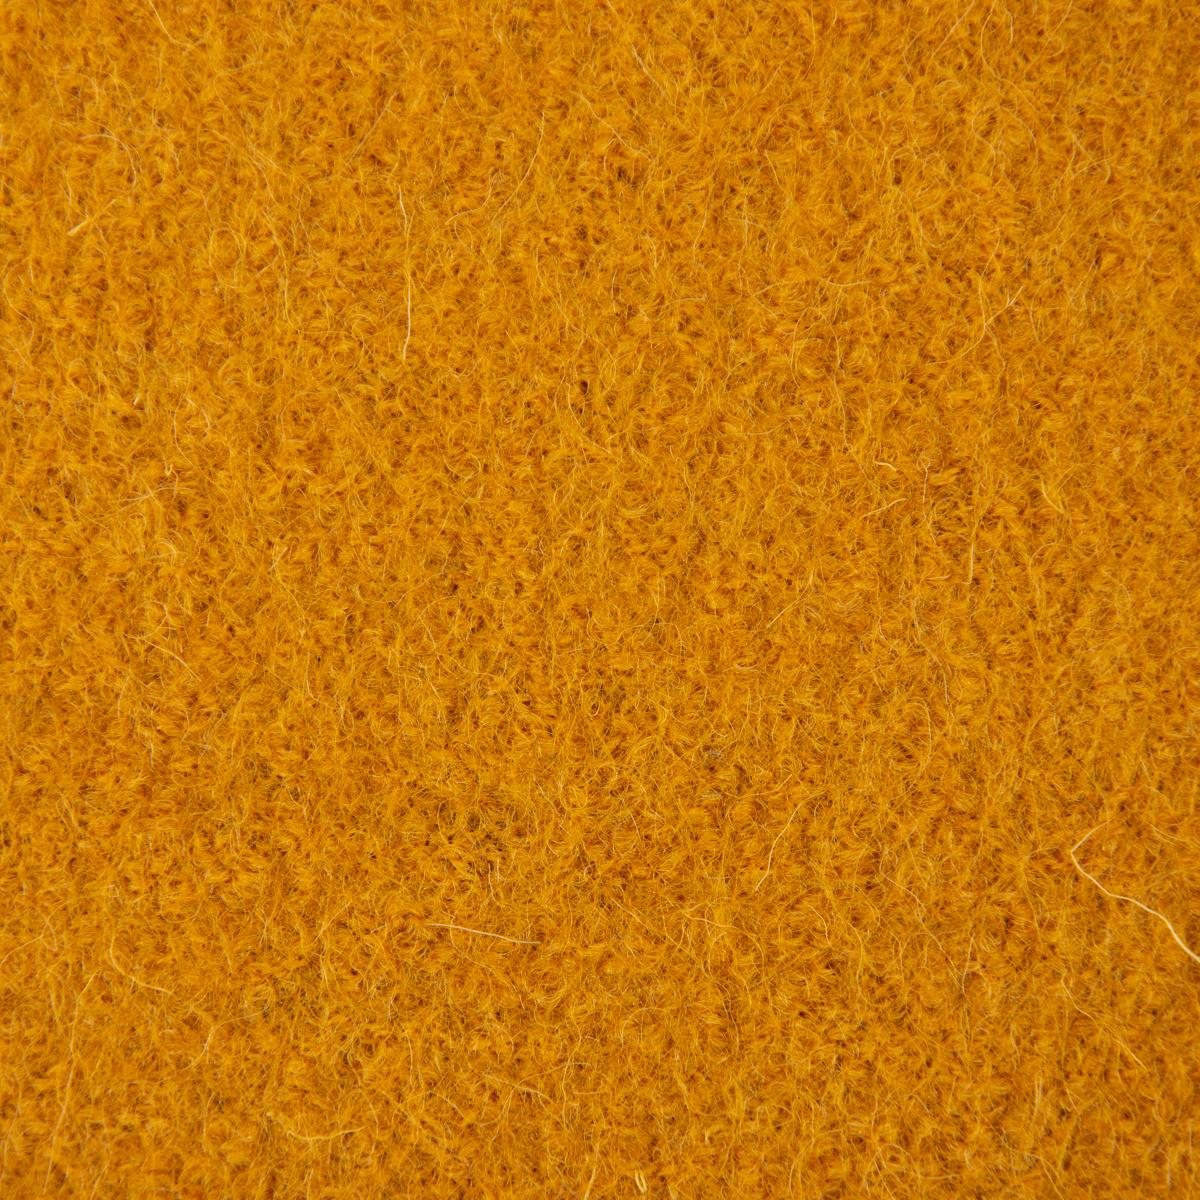 Mantelstoff Bekleidungsstoff Walkloden Wolle Wollstoff ocker gelb 1,40m Breite